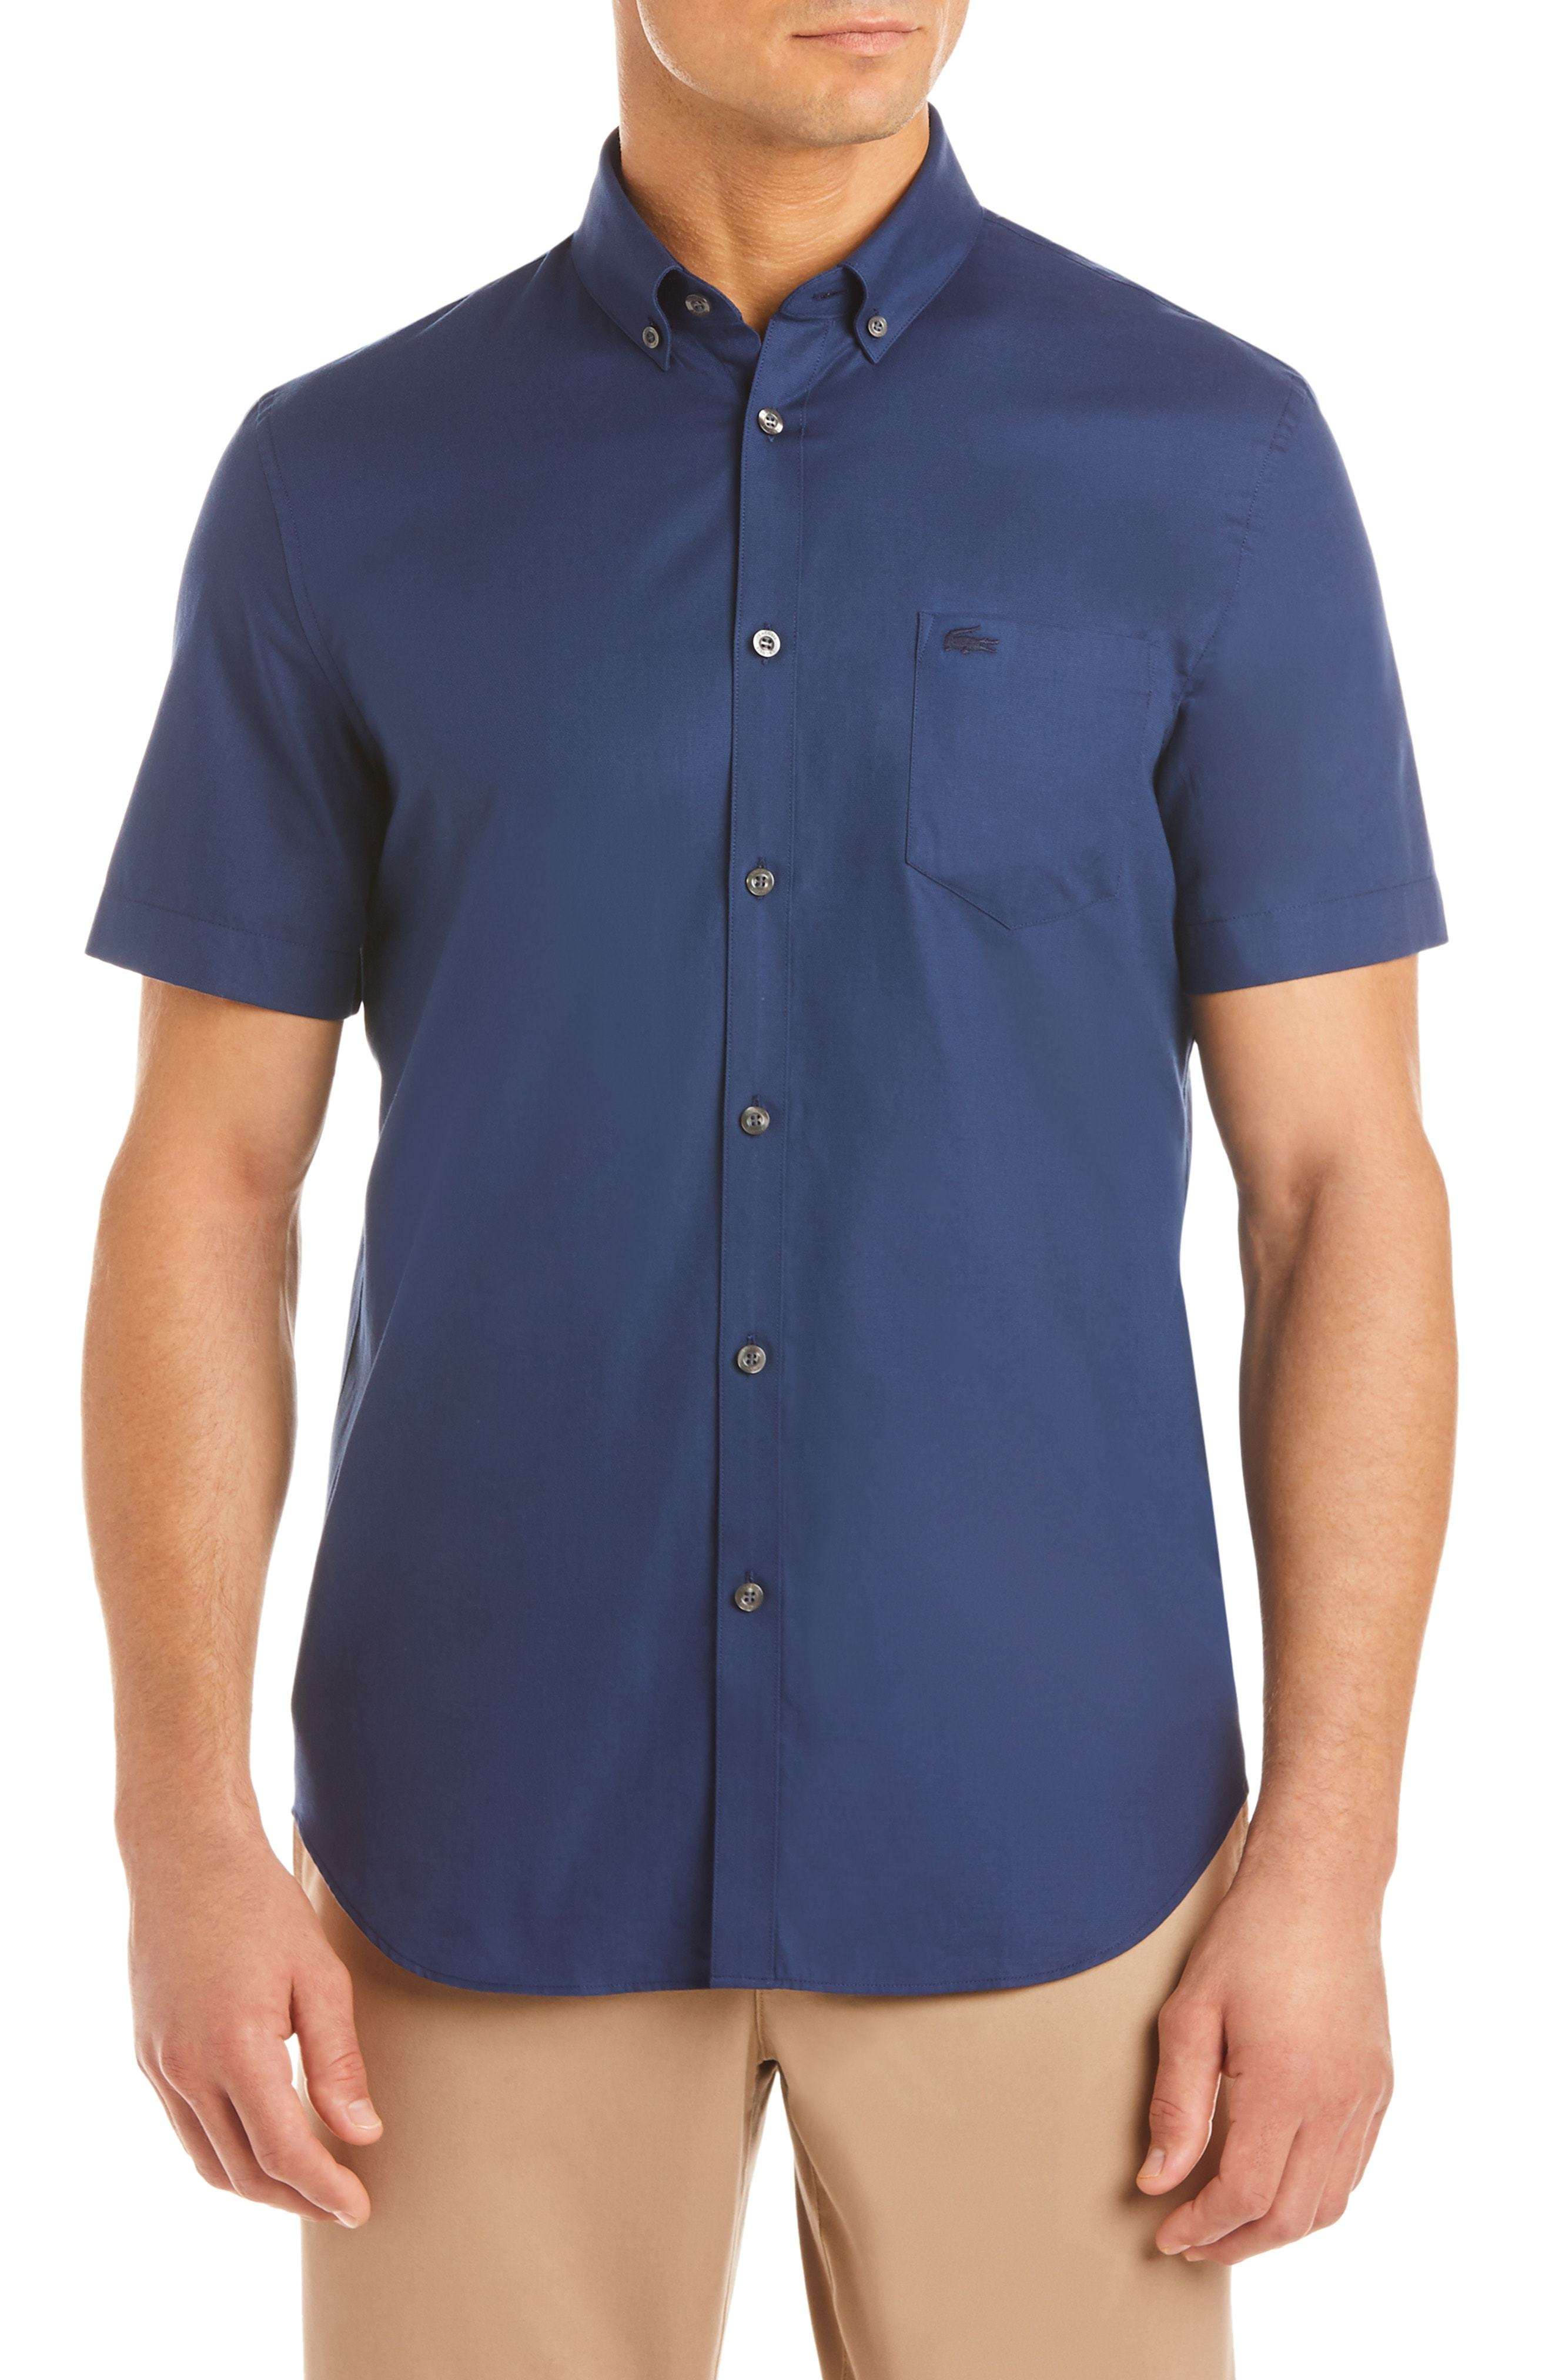 Lacoste Regular Fit Pique Sport Shirt